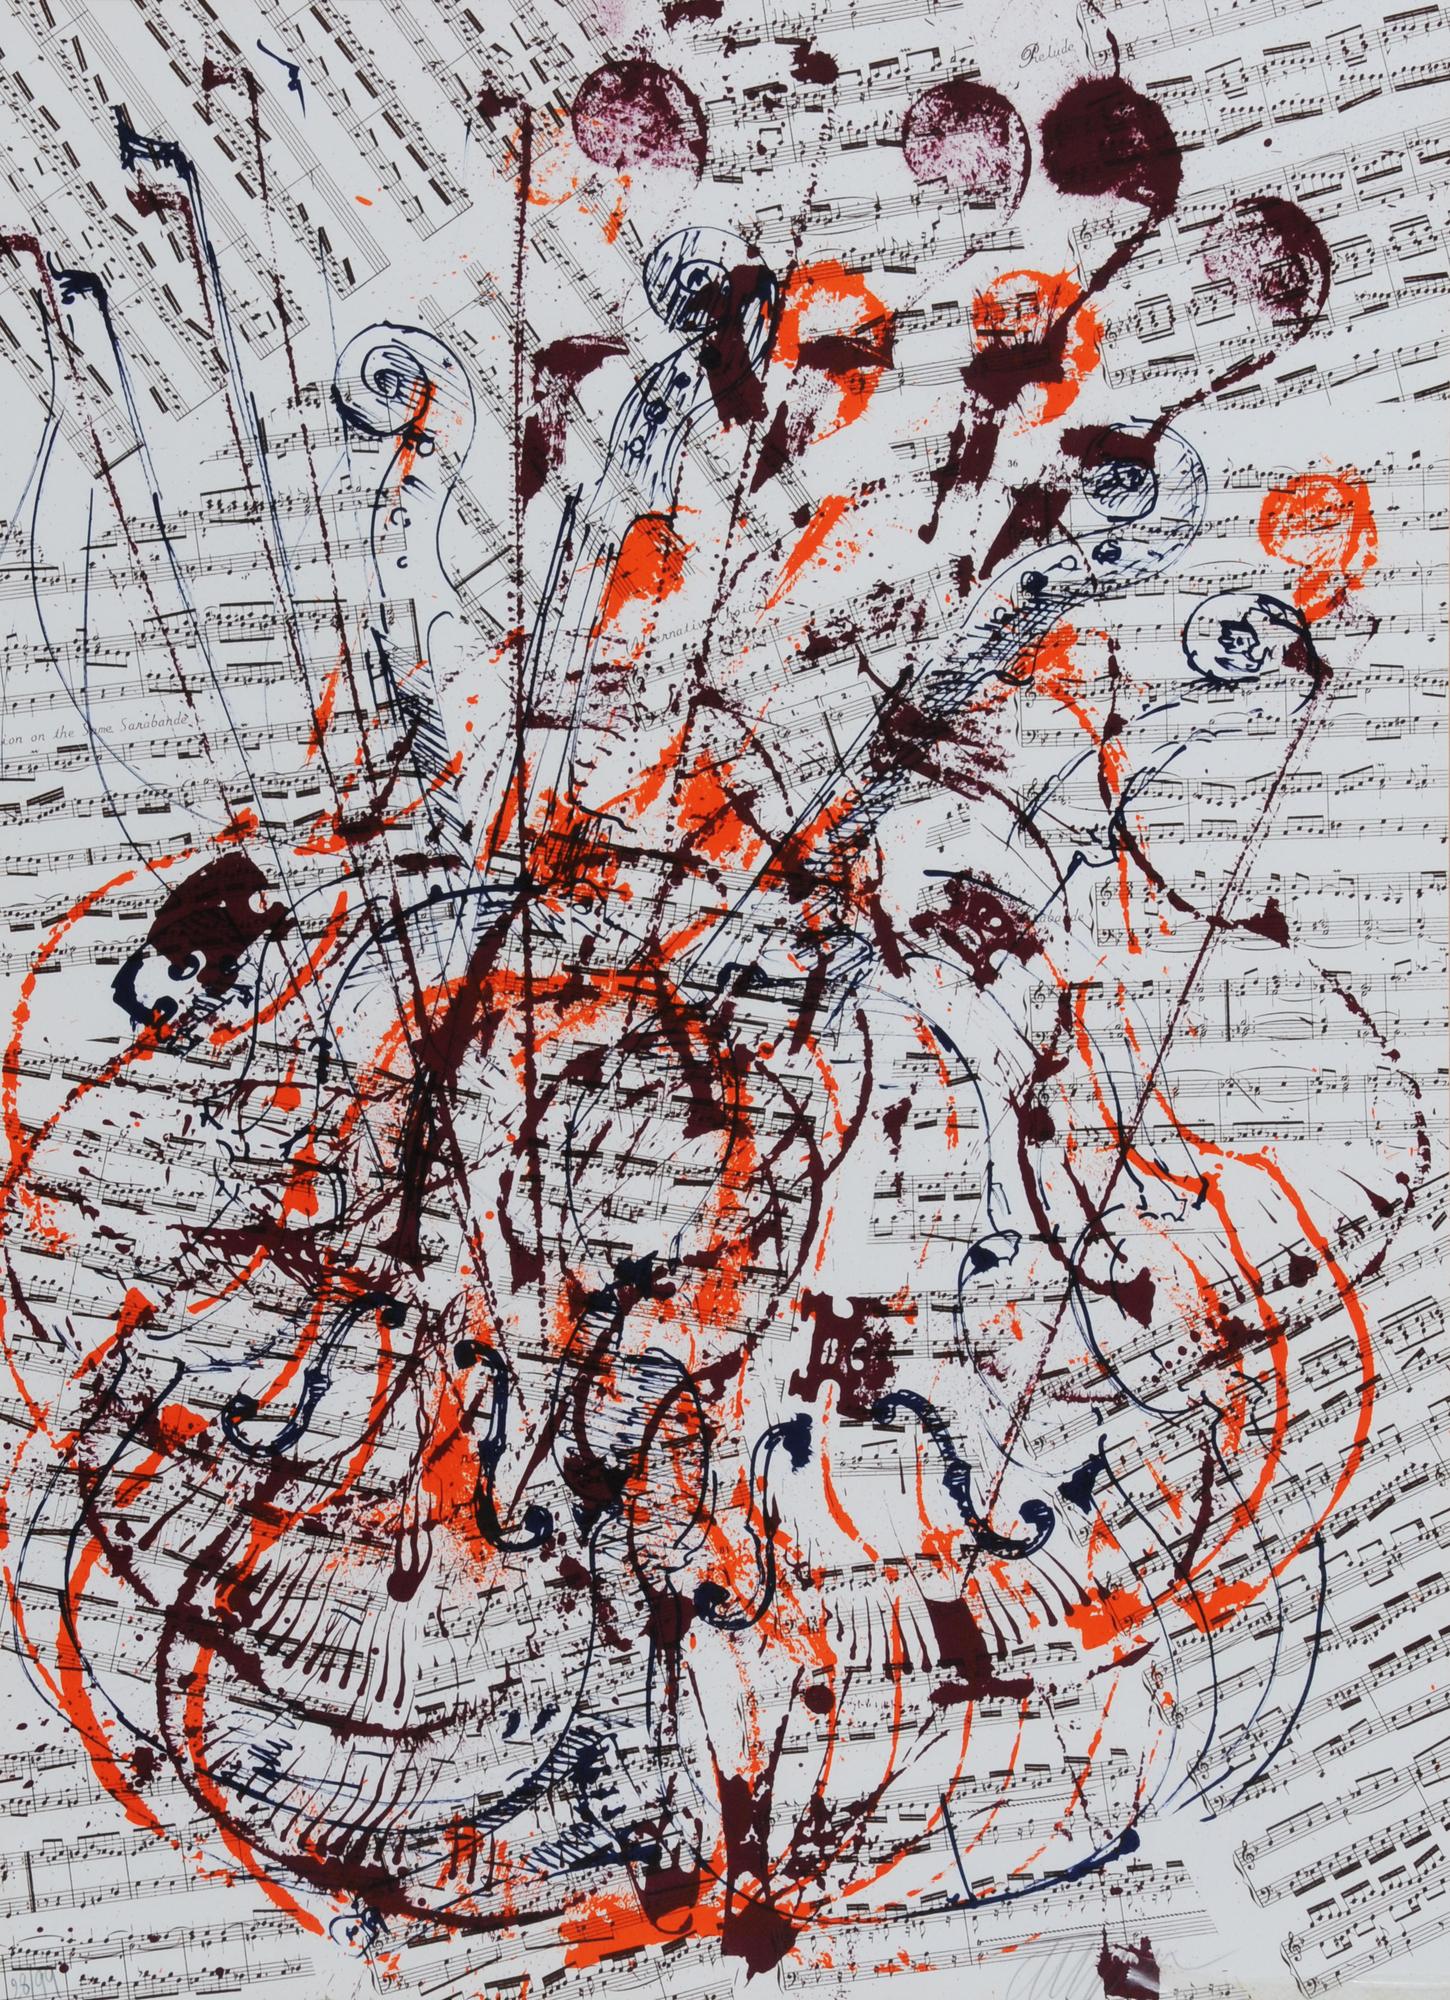 Arman Fernandez, Concerto pour deux violons